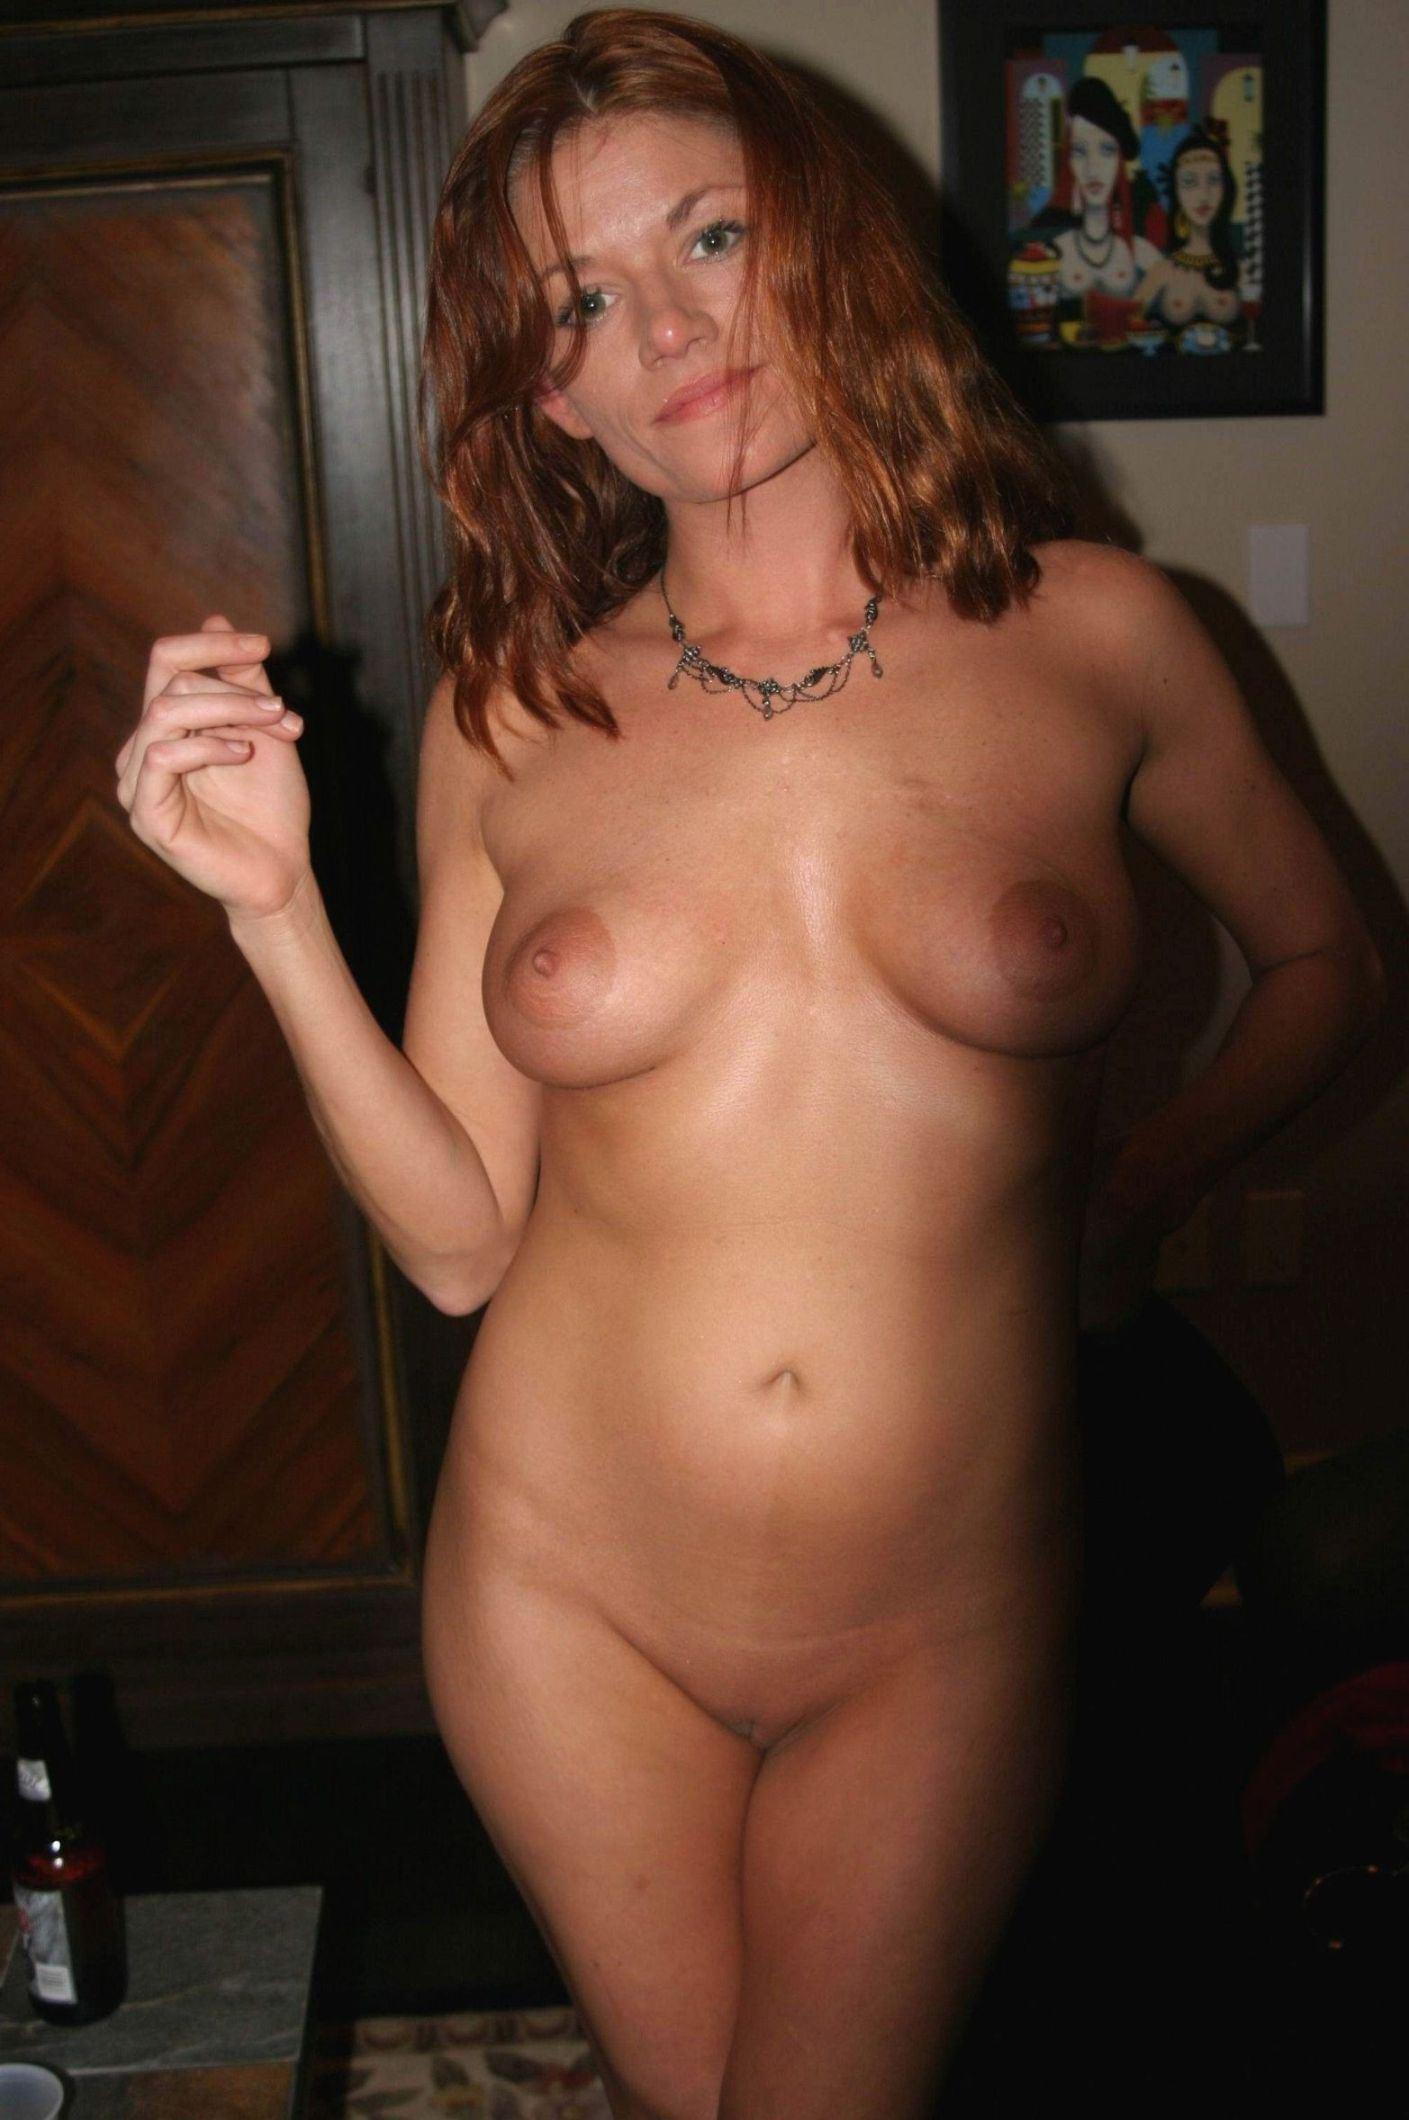 Ameature Nude